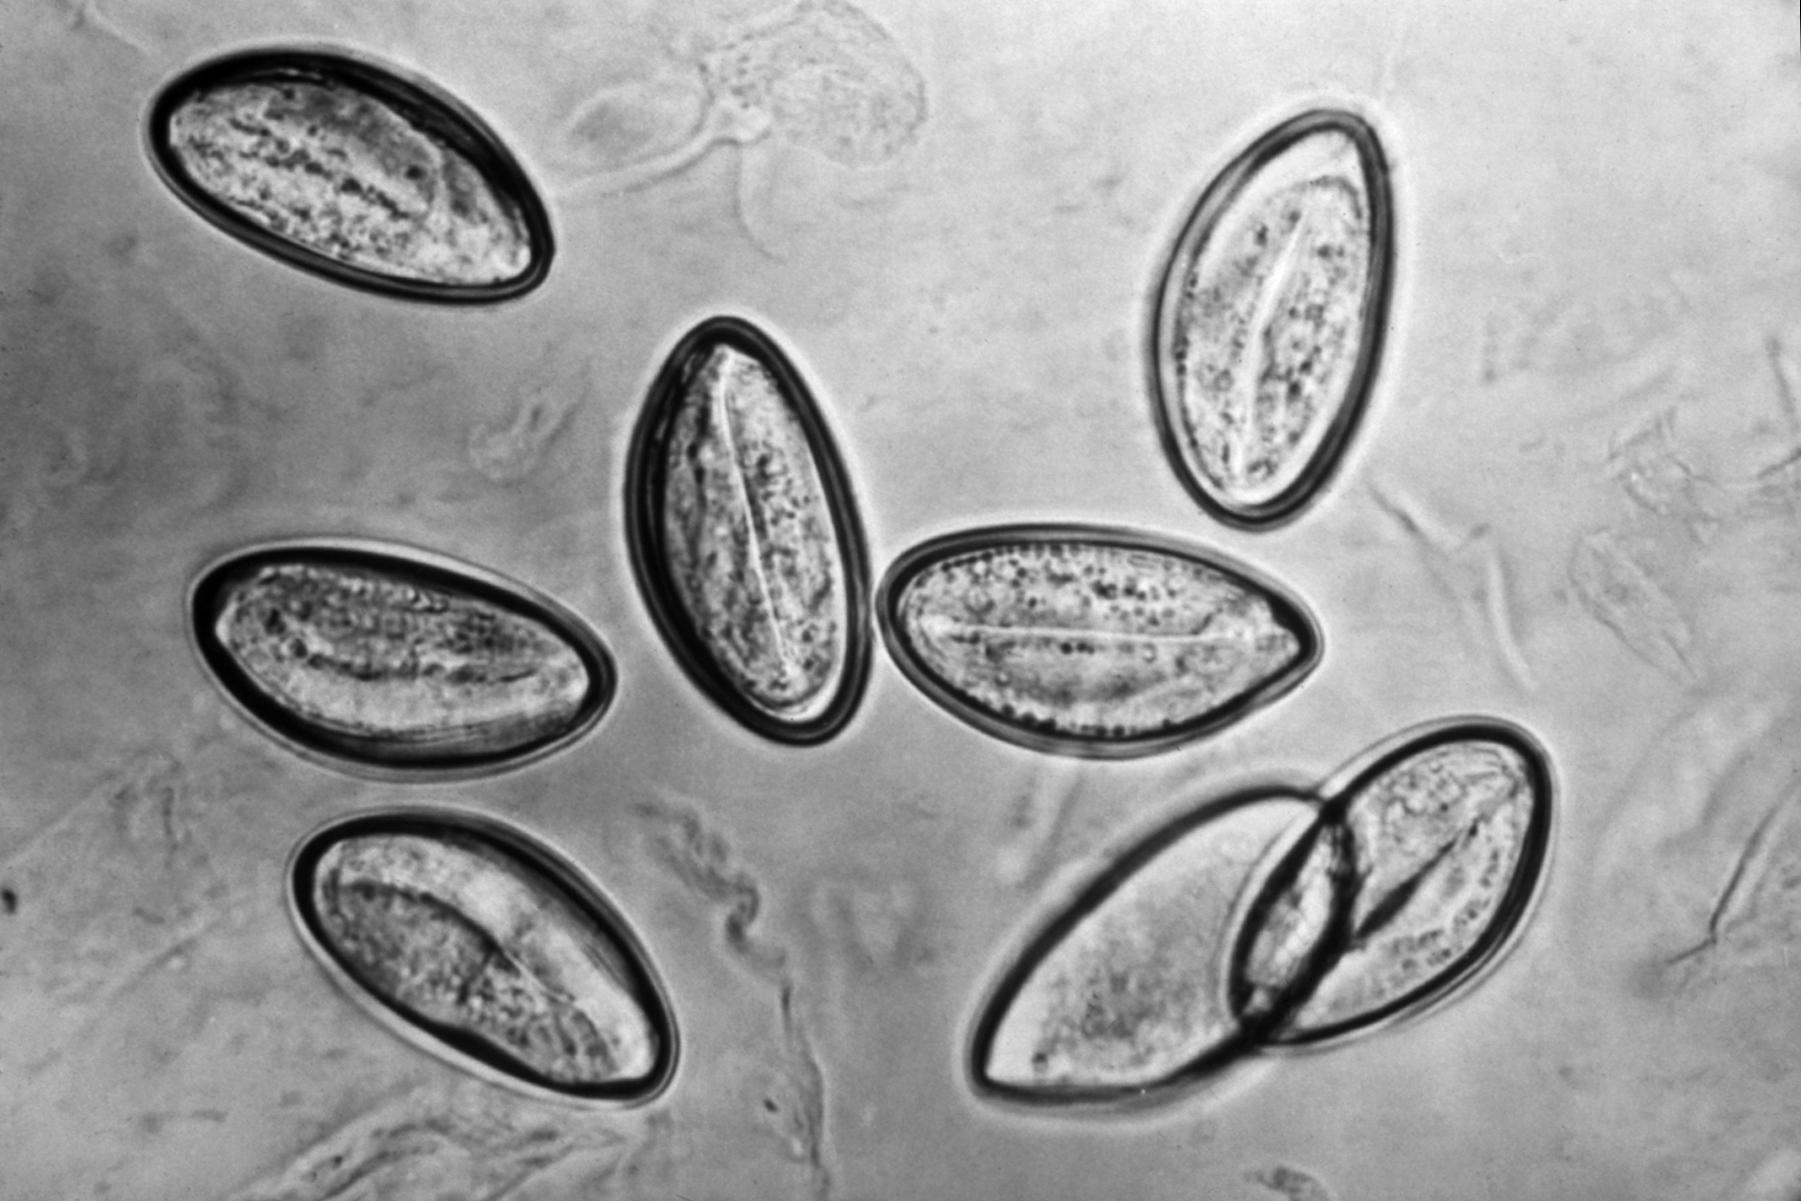 enterobius vermicularis ova treatment)